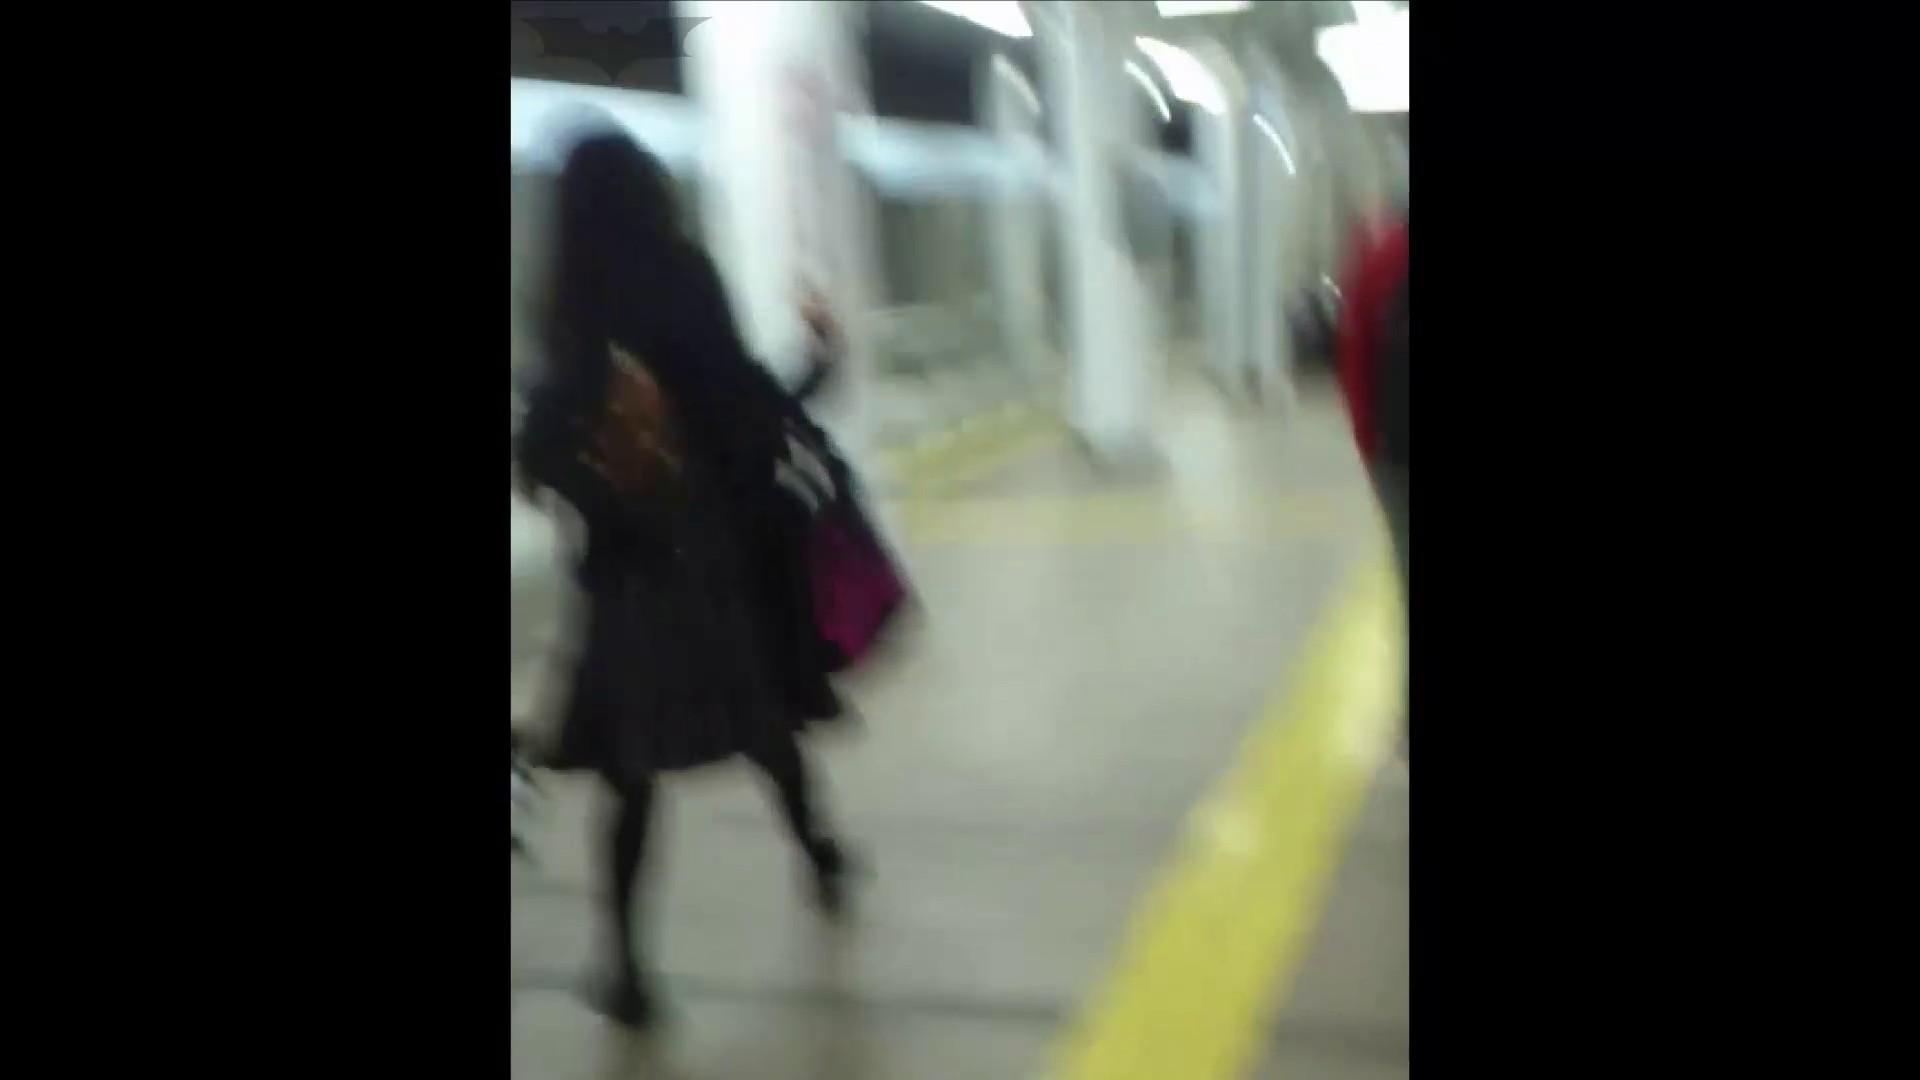 盗撮列車 Vol.14 お嬢様のバックプリントパンツ パンツ | 盗撮エロすぎ  99連発 24